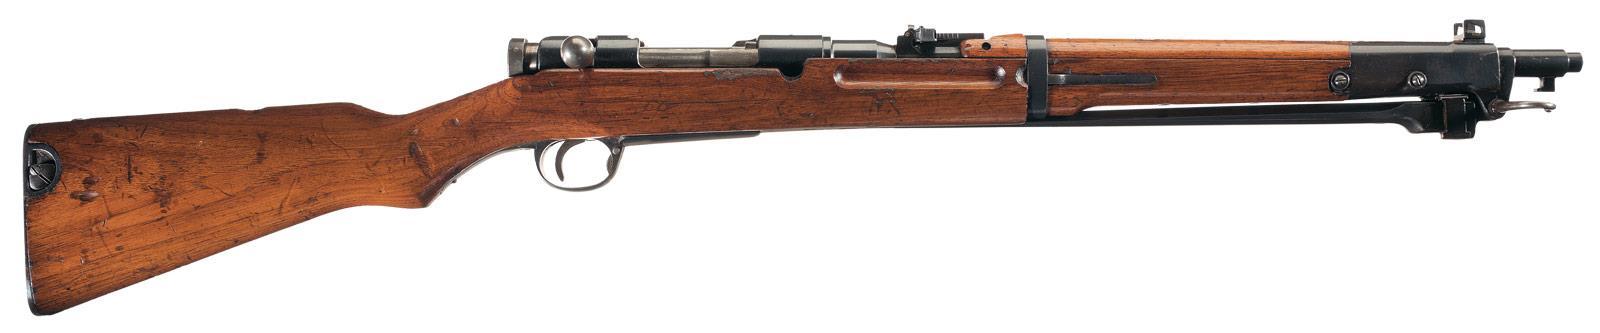 Type 44 Arisaka